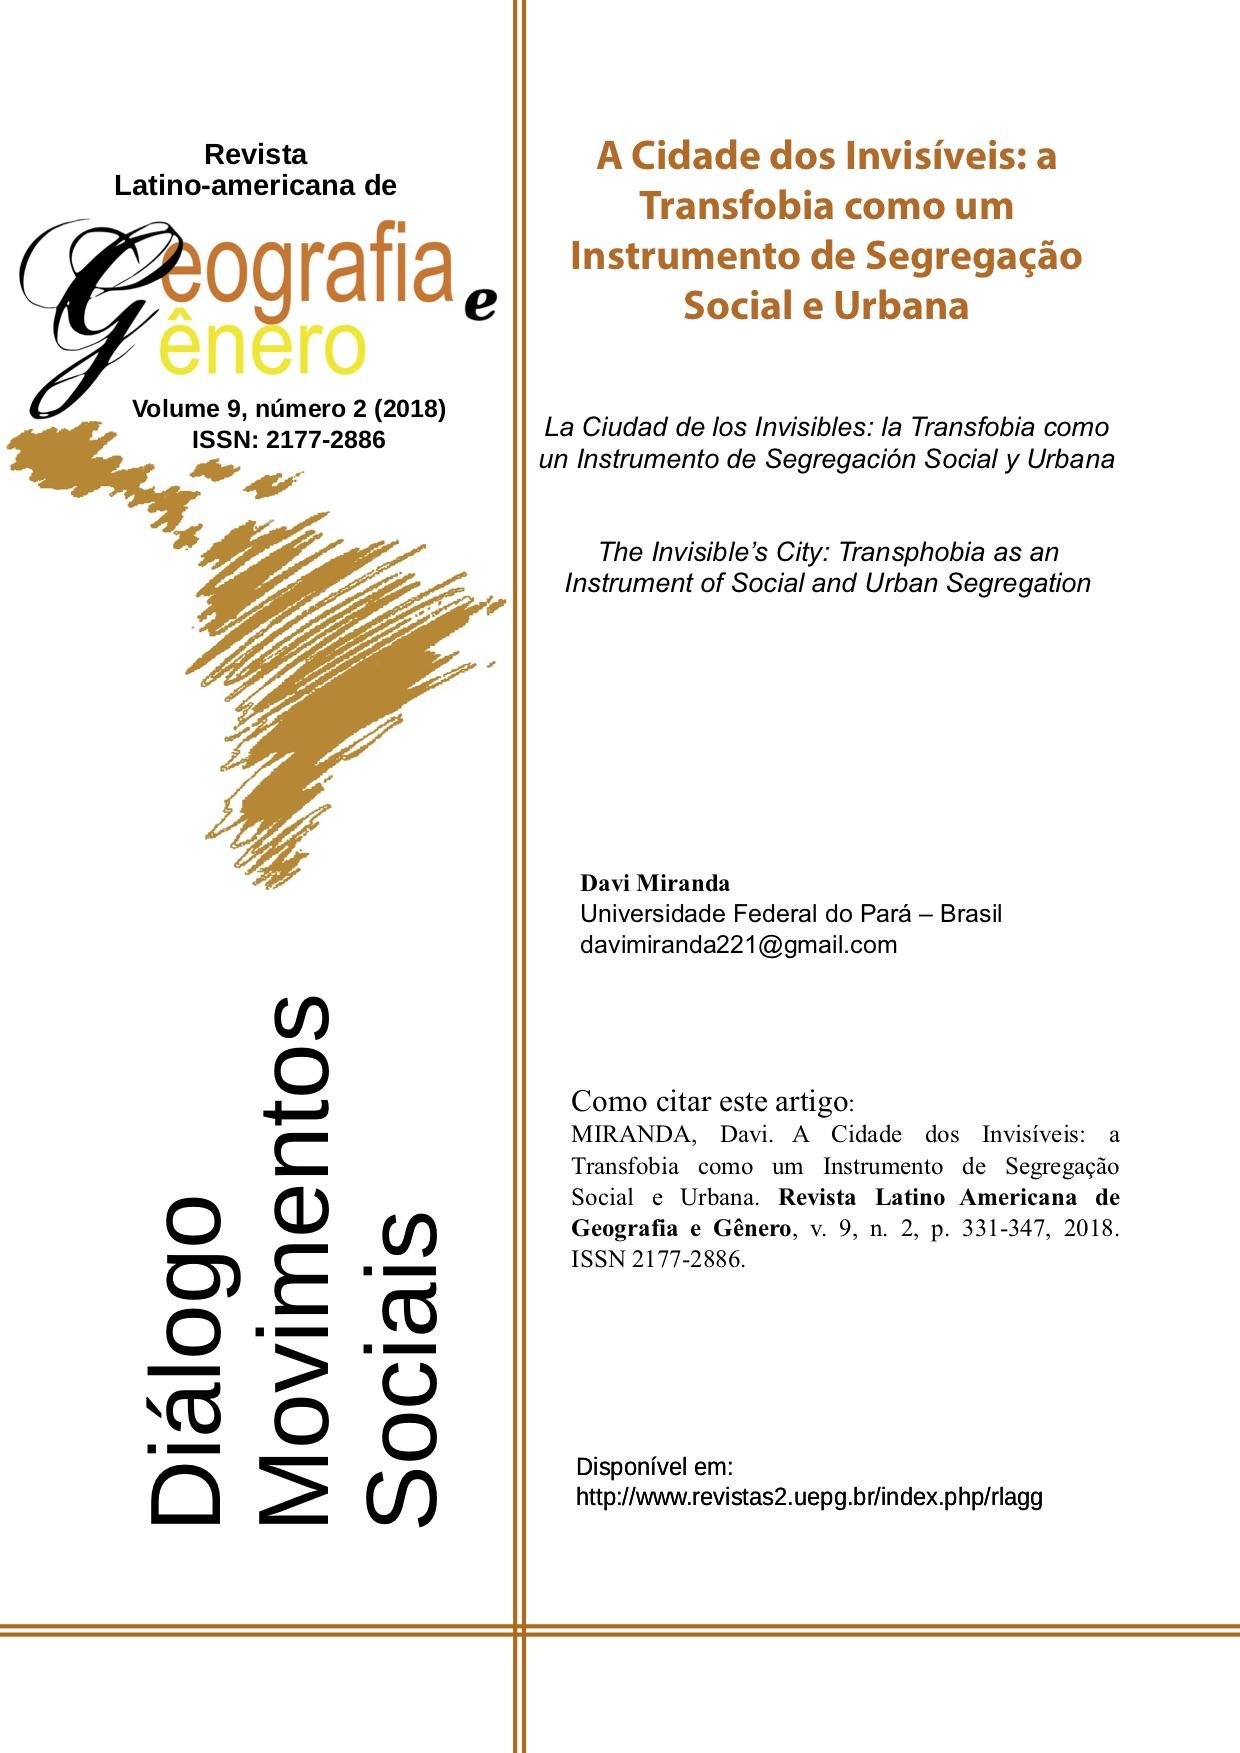 Revista Latinoamericana de Geografia e Gênero